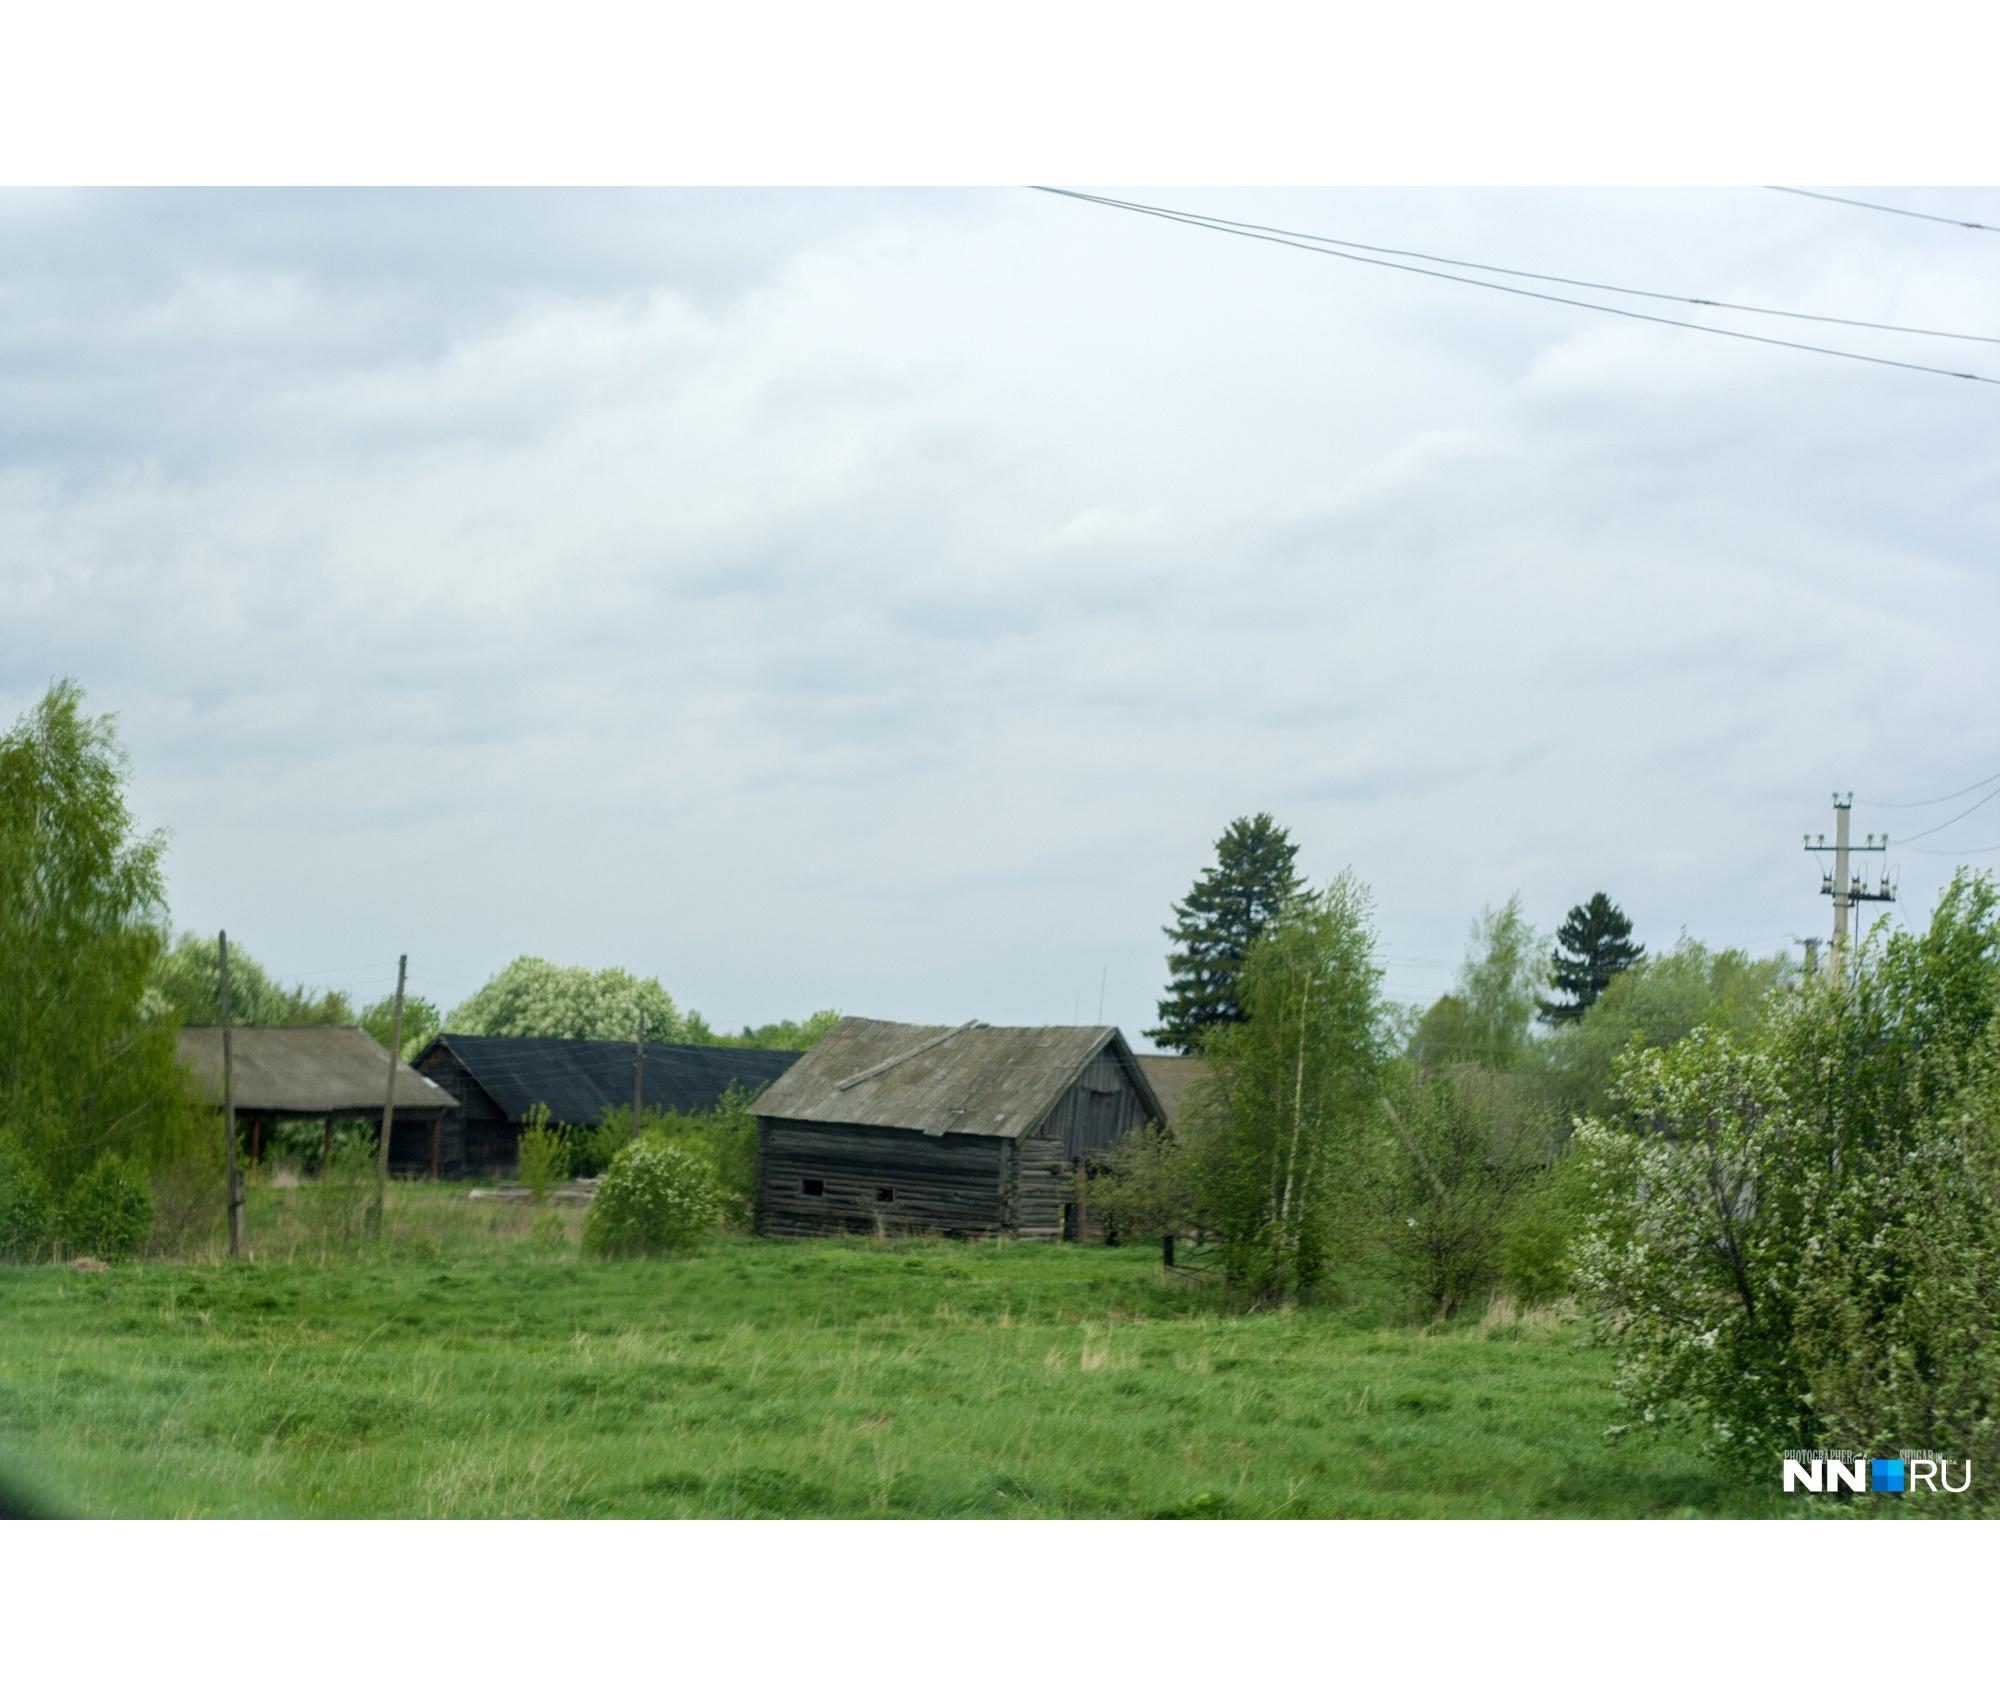 И, как и у нас, немало брошенных домов и других построек